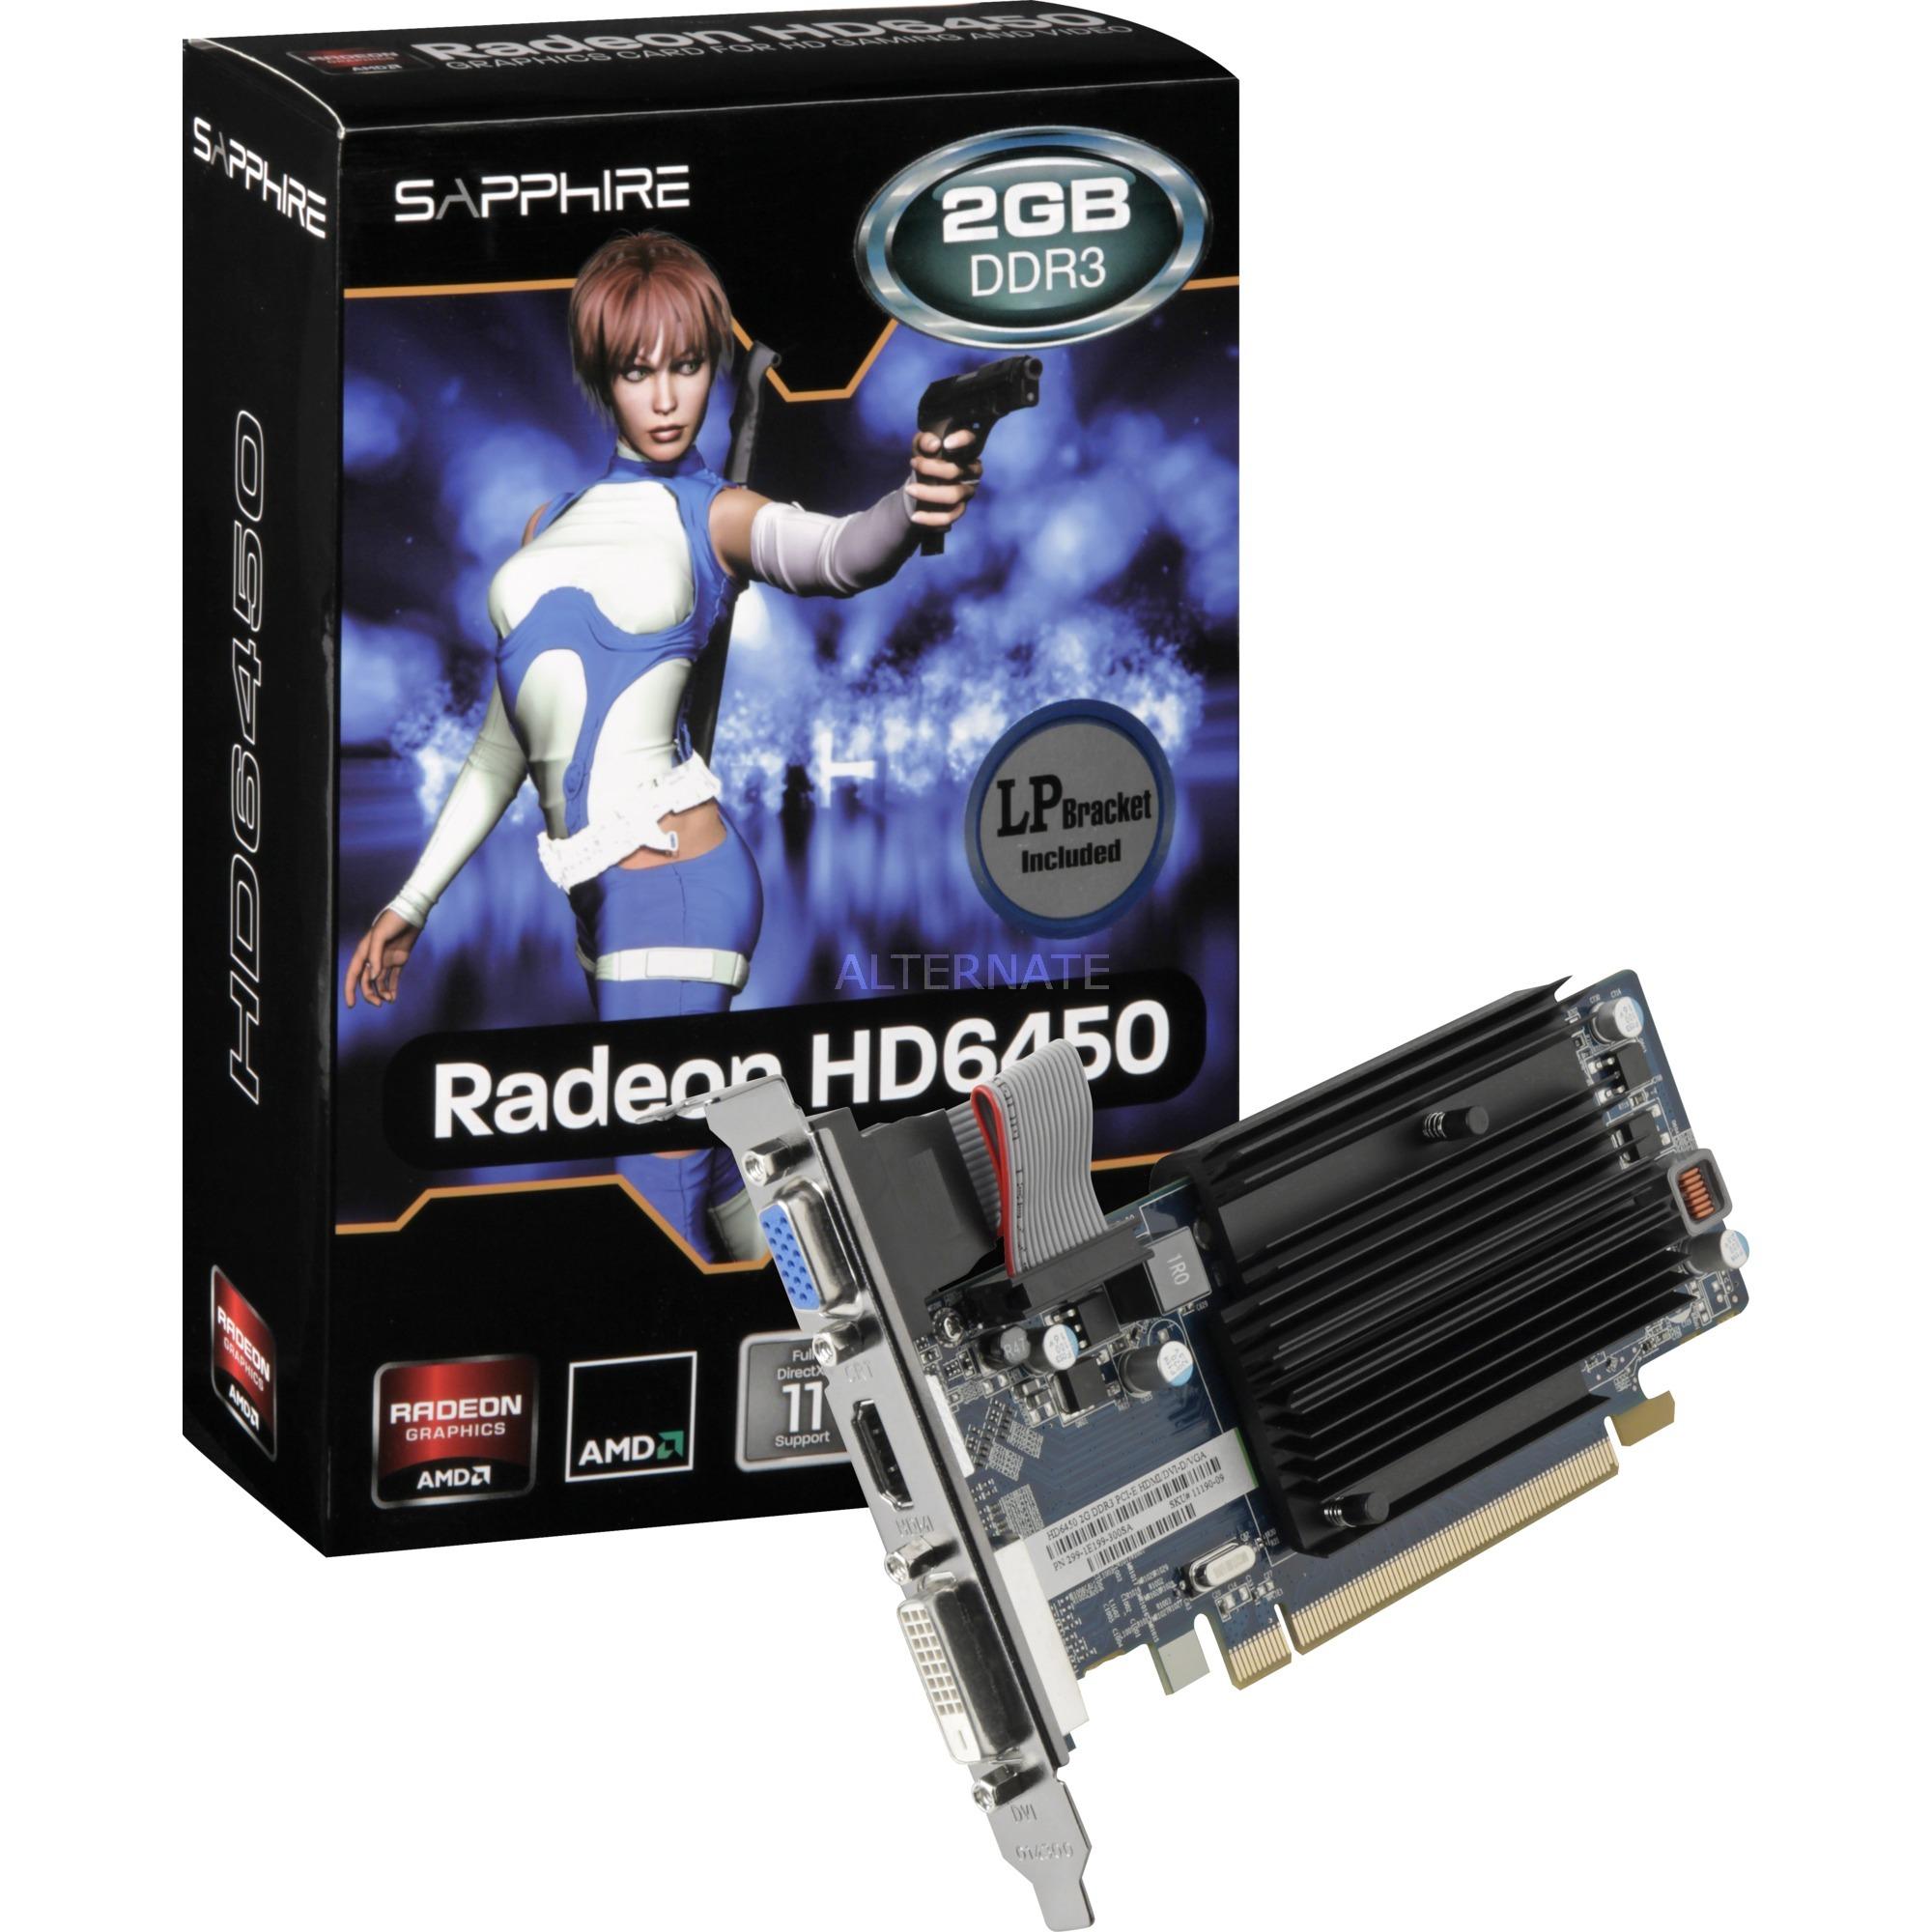 Sapphire+11267-19-20G+Radeon+RX+560+2GB+GDDR5+graphics+card+-+graphics+cards+(AMD,+Radeon+RX+560,+5120+x+2880+pixels,+1226+MHz,+4096+x+2160+pixels,+5120+x+2880+pixels)